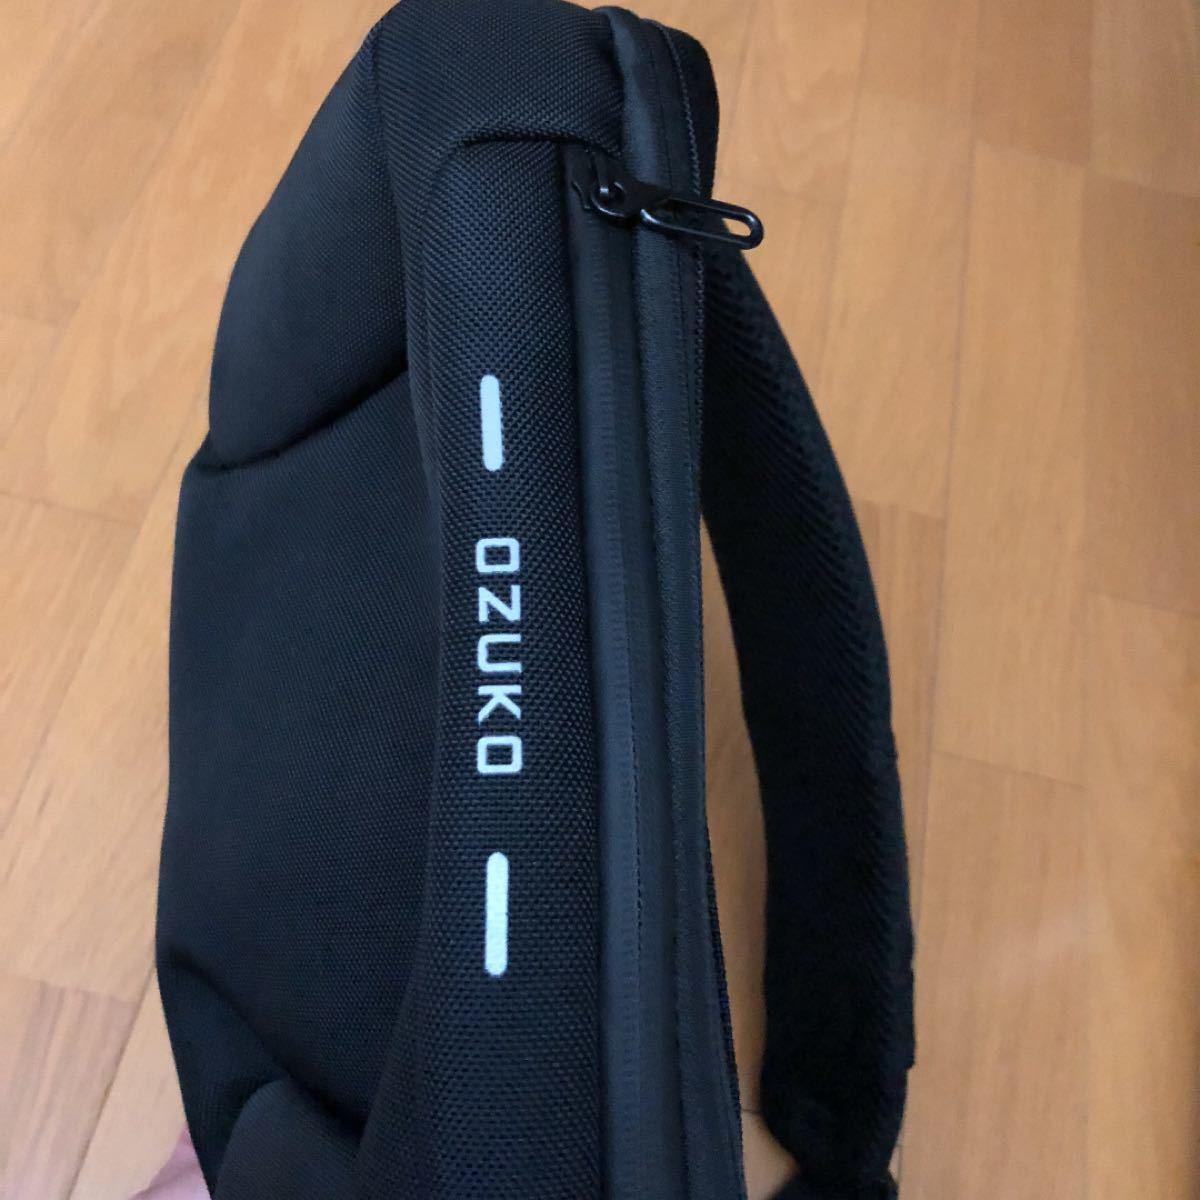 ボディバッグ ショルダーバッグ レディース メンズ 斜めがけ 肩掛け 防盗 USB 充電 携帯充電 撥水 おしゃれ(ozuko)